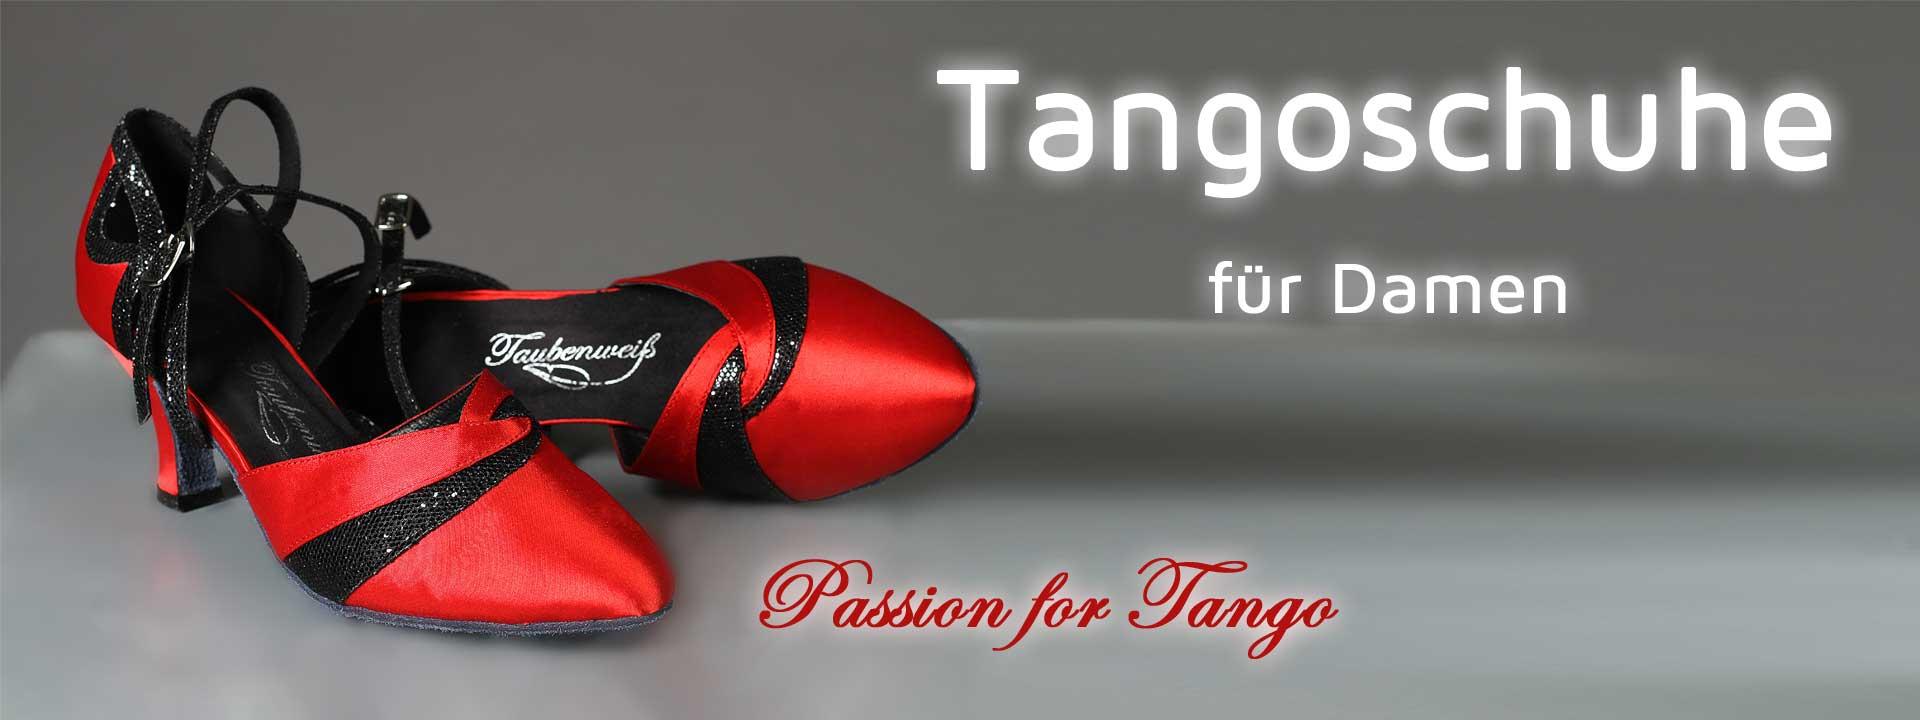 Tangoschuhe für Damen